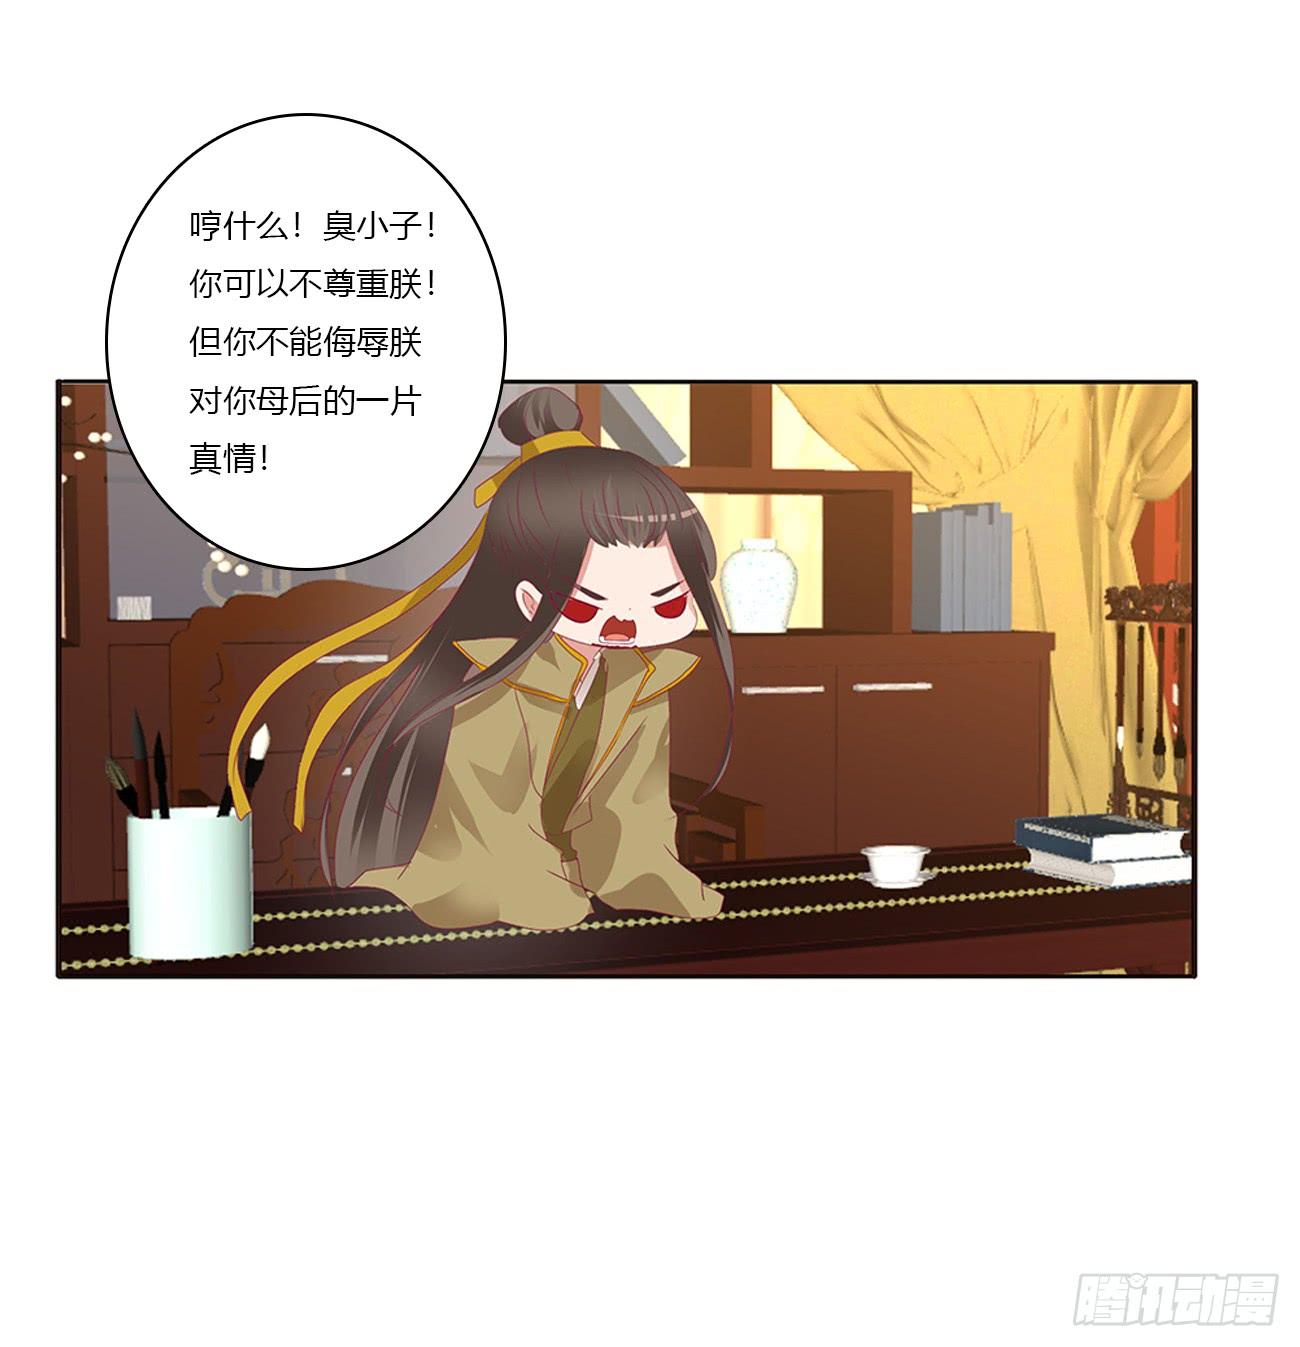 通靈妃: 赞同 - 第12页